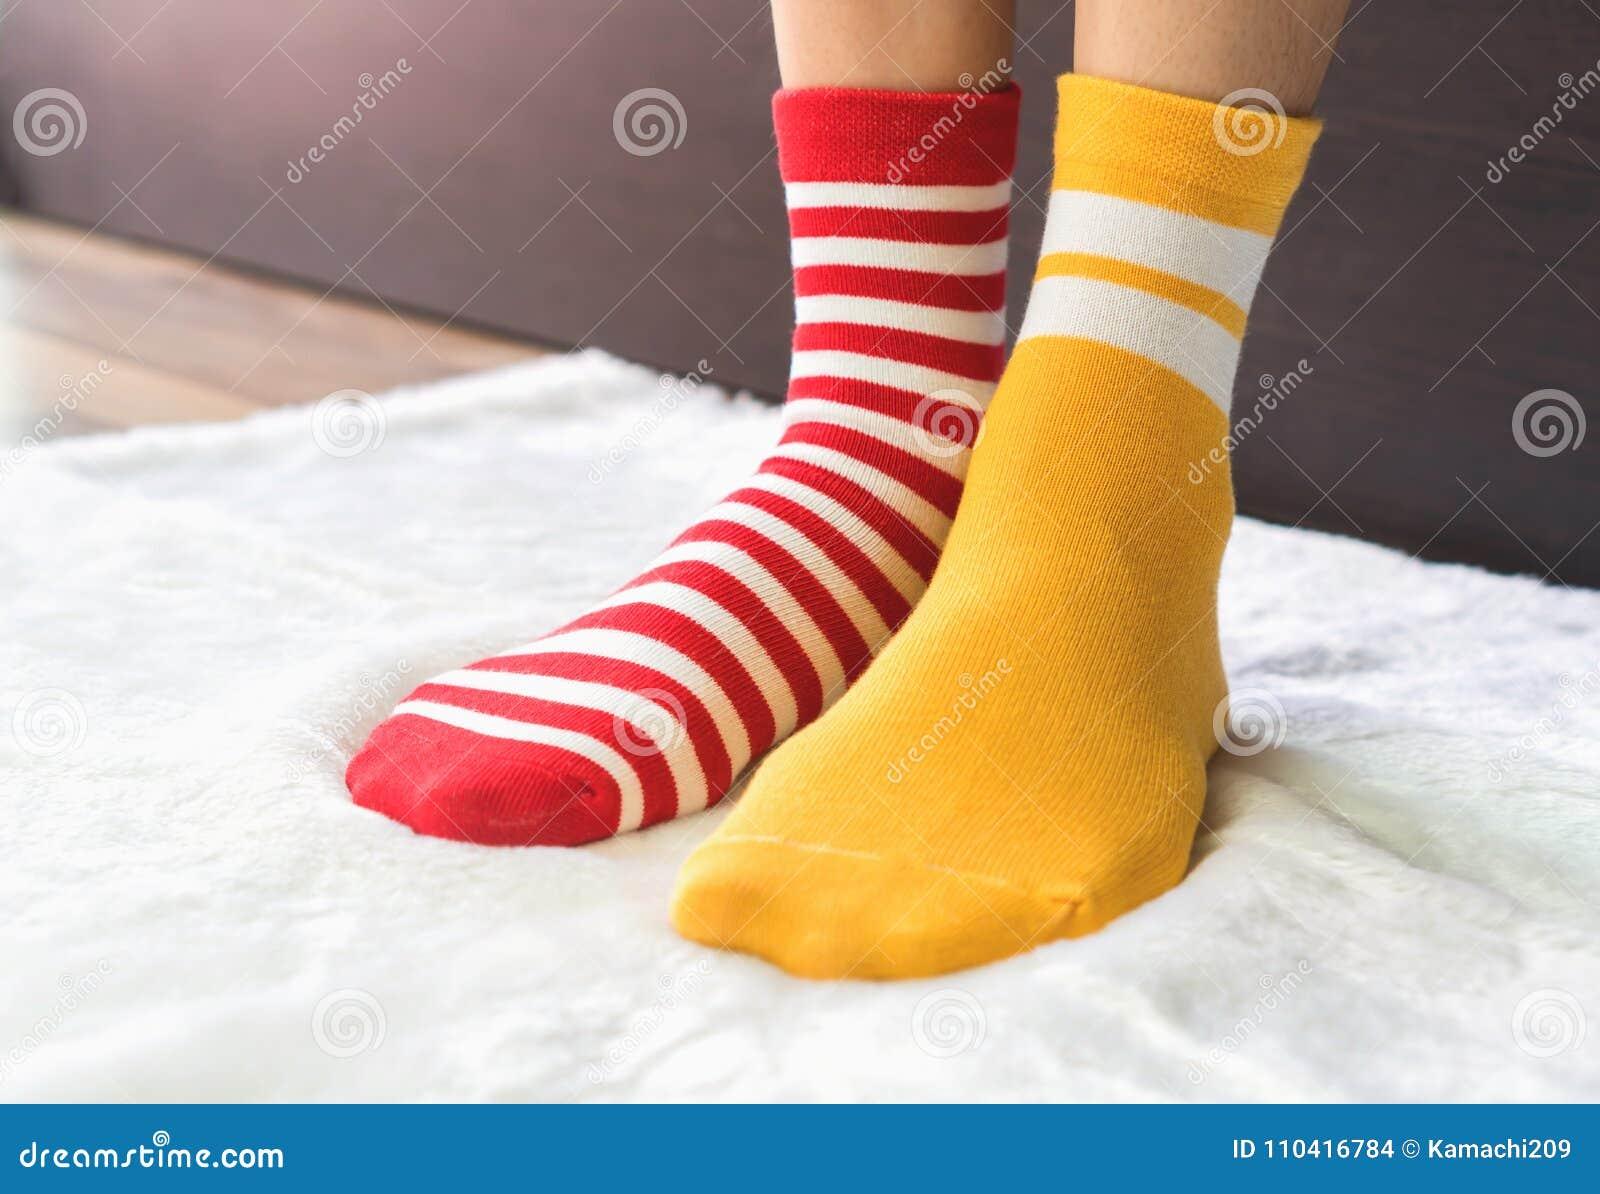 Pavimento Rosso E Bianco : Le gambe in calzini due colori alternano supporto laterale rosso